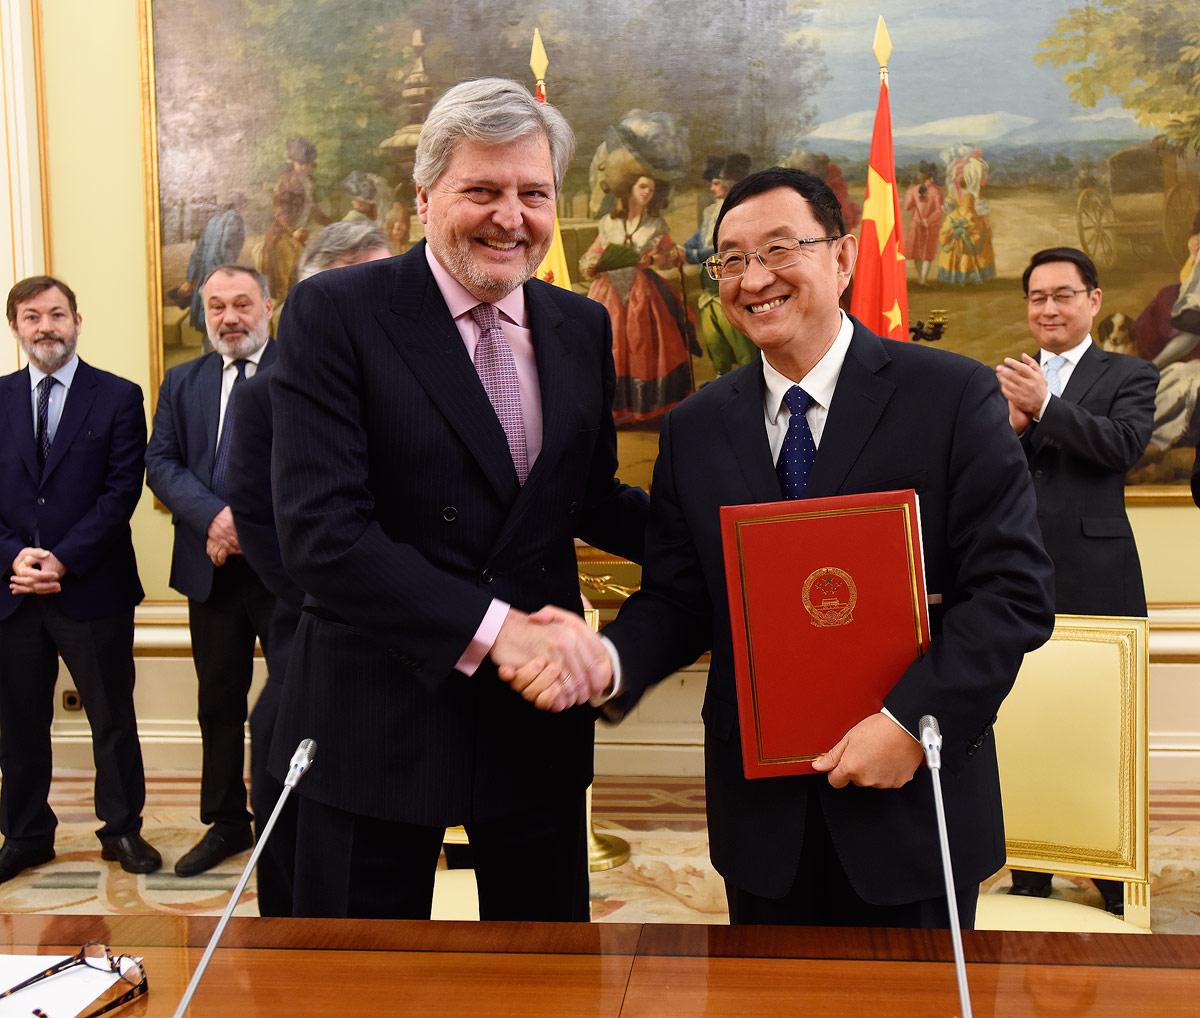 Firma del Programa de Cooperación cultural entre España y China 2018-2021